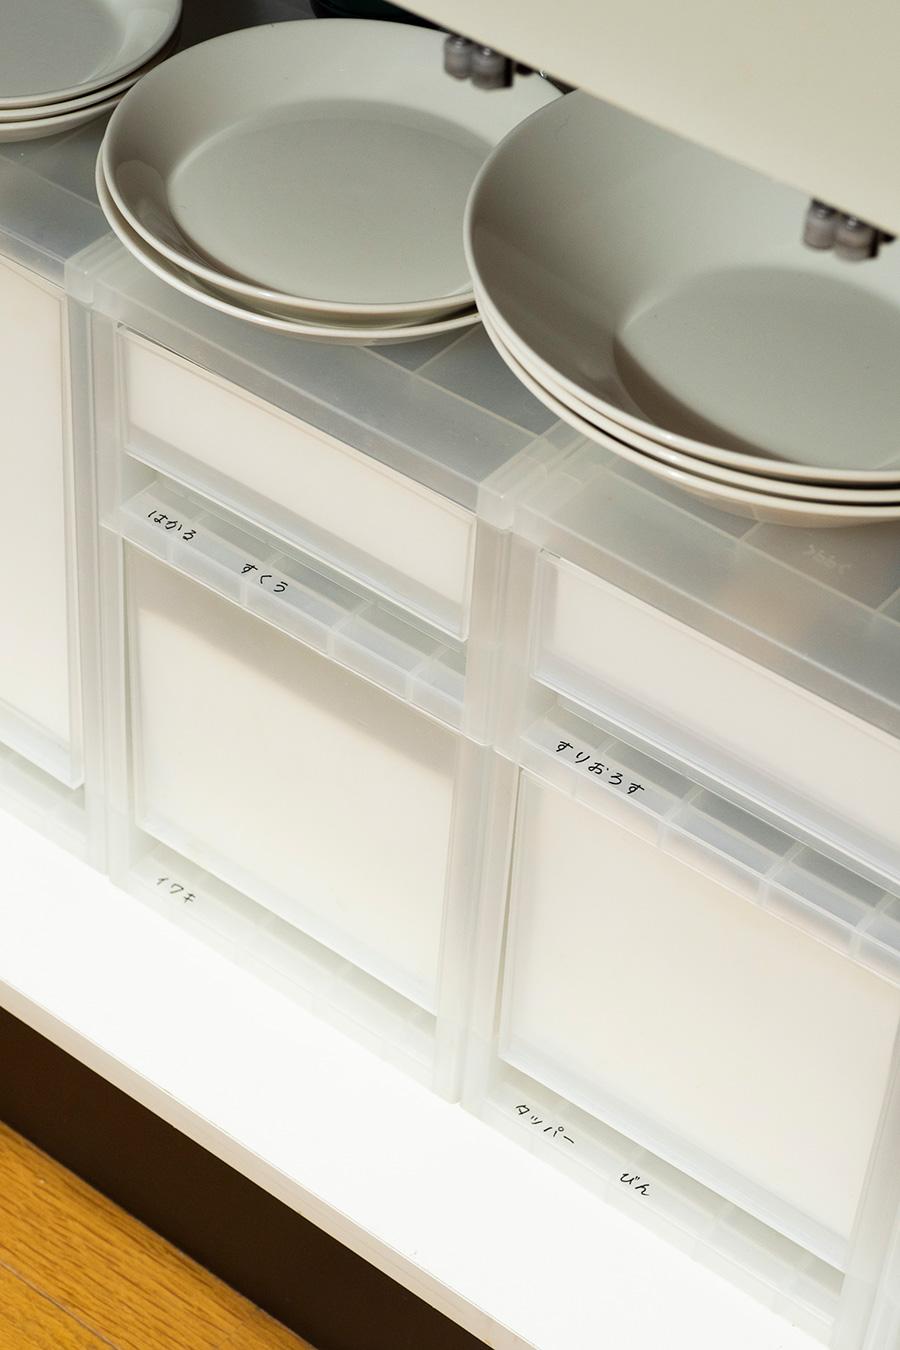 シンク下に食器置き場を設けると、取り出しやすくて便利。あまり使わない調理器具は収納ケースに。